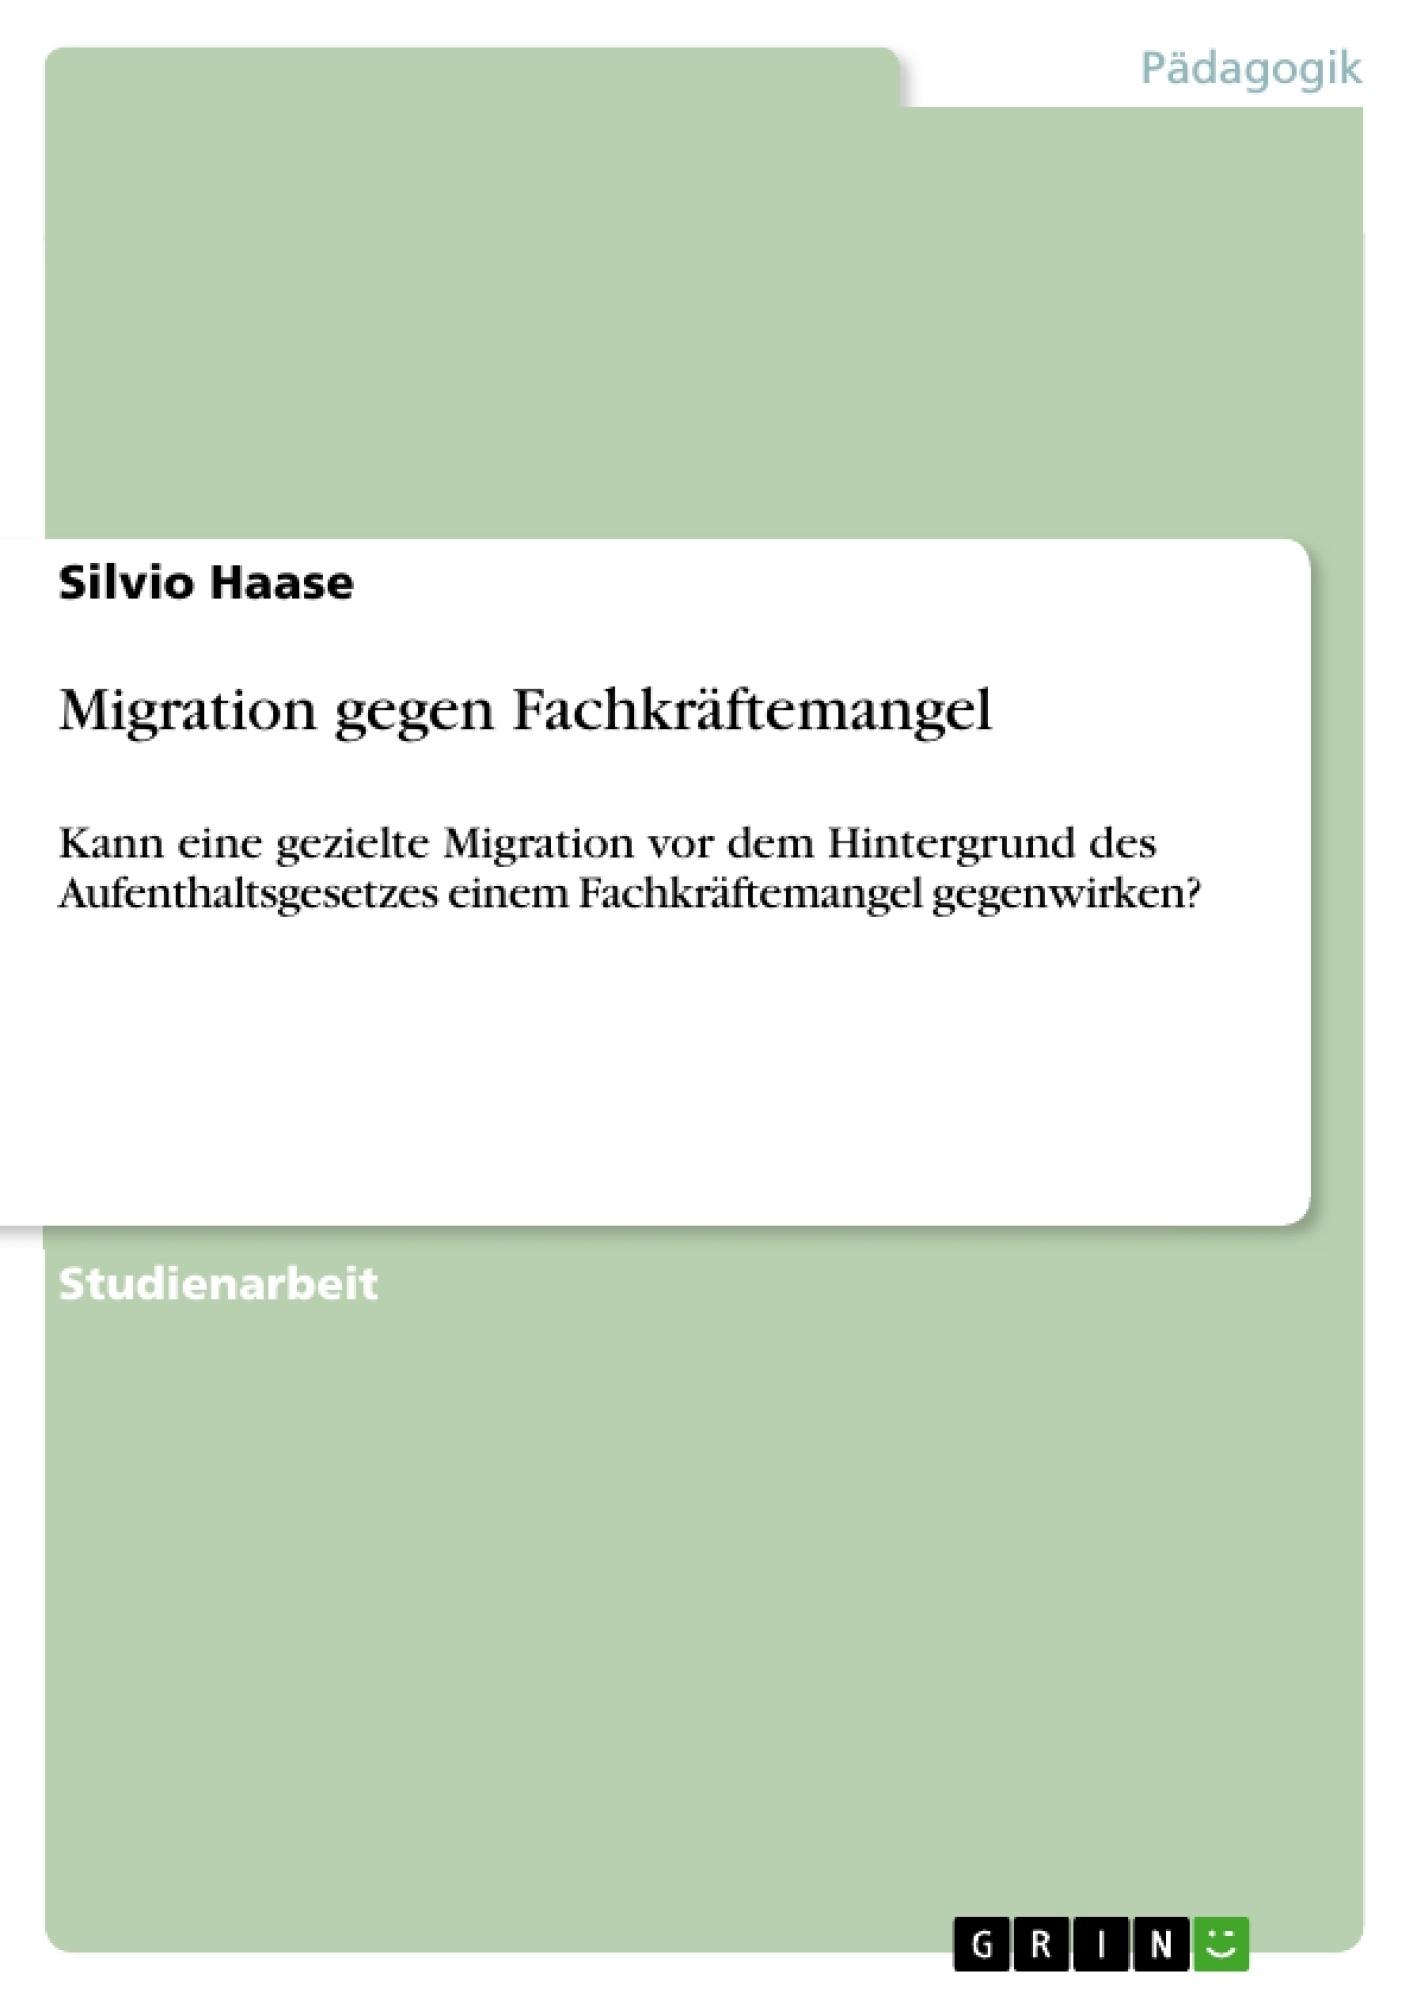 Titel: Migration gegen Fachkräftemangel